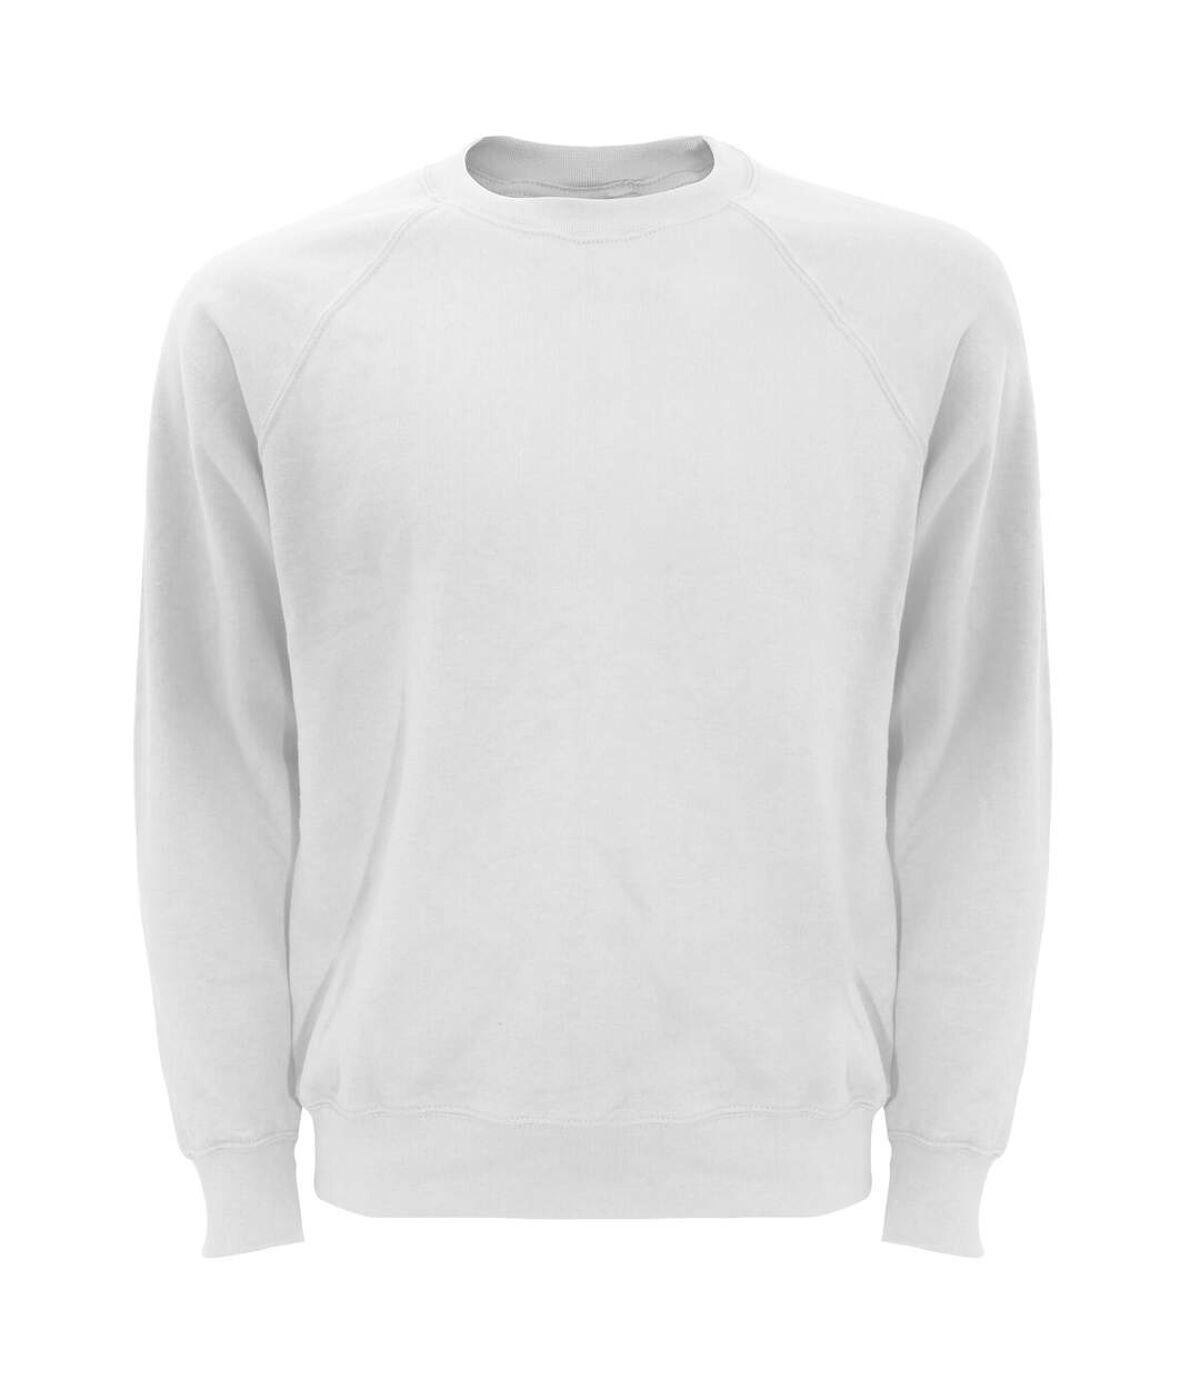 Fruit Of The Loom Mens Raglan Sleeve Belcoro® Sweatshirt (Royal) - UTBC368